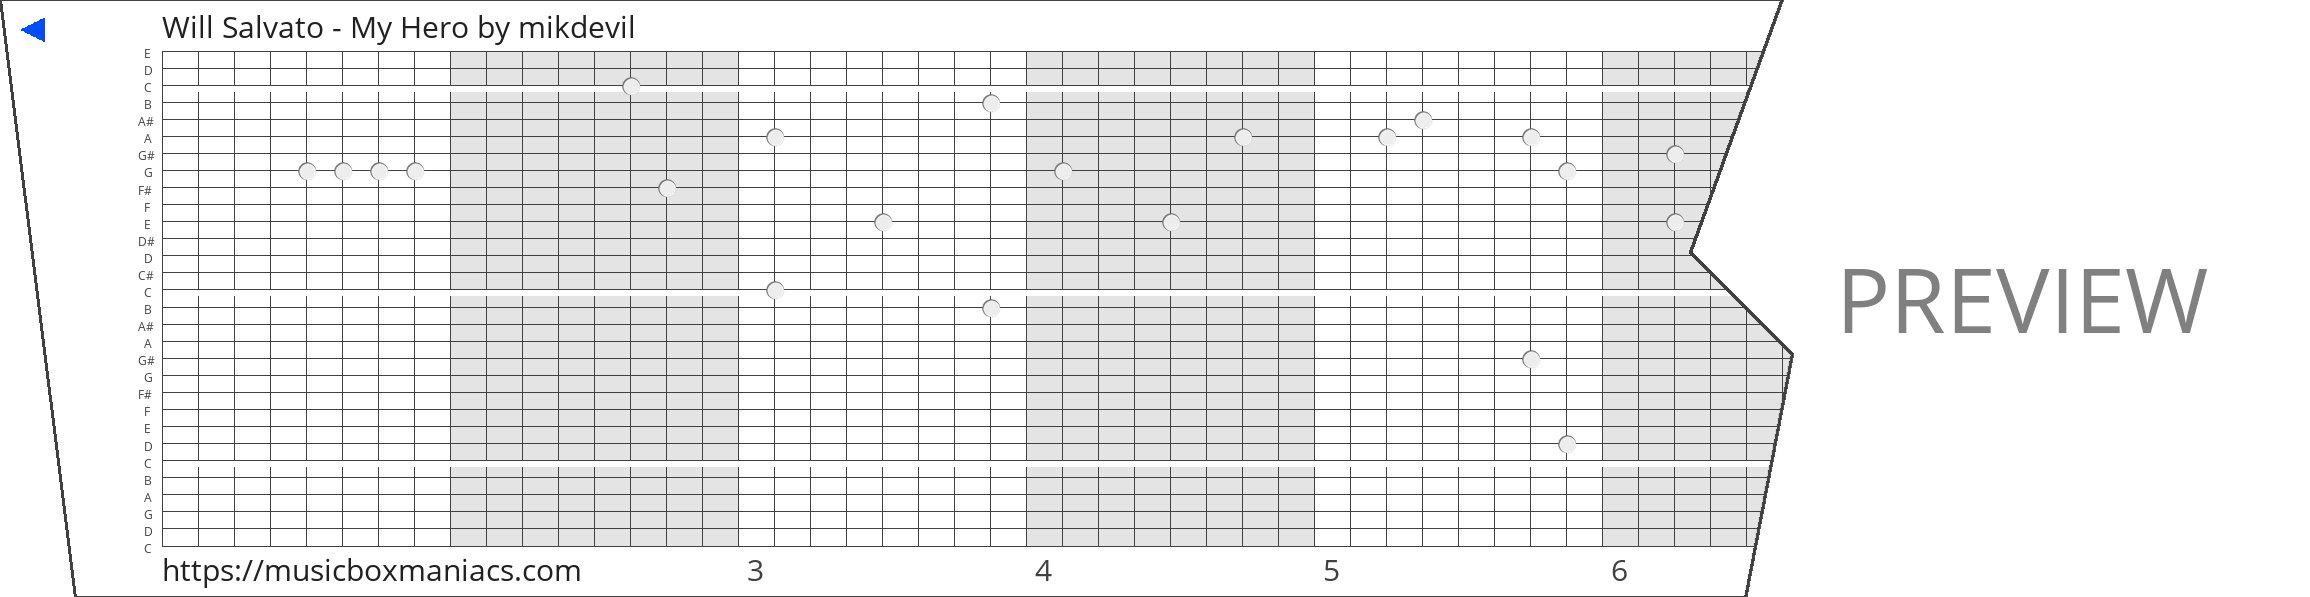 Will Salvato - My Hero 30 note music box paper strip